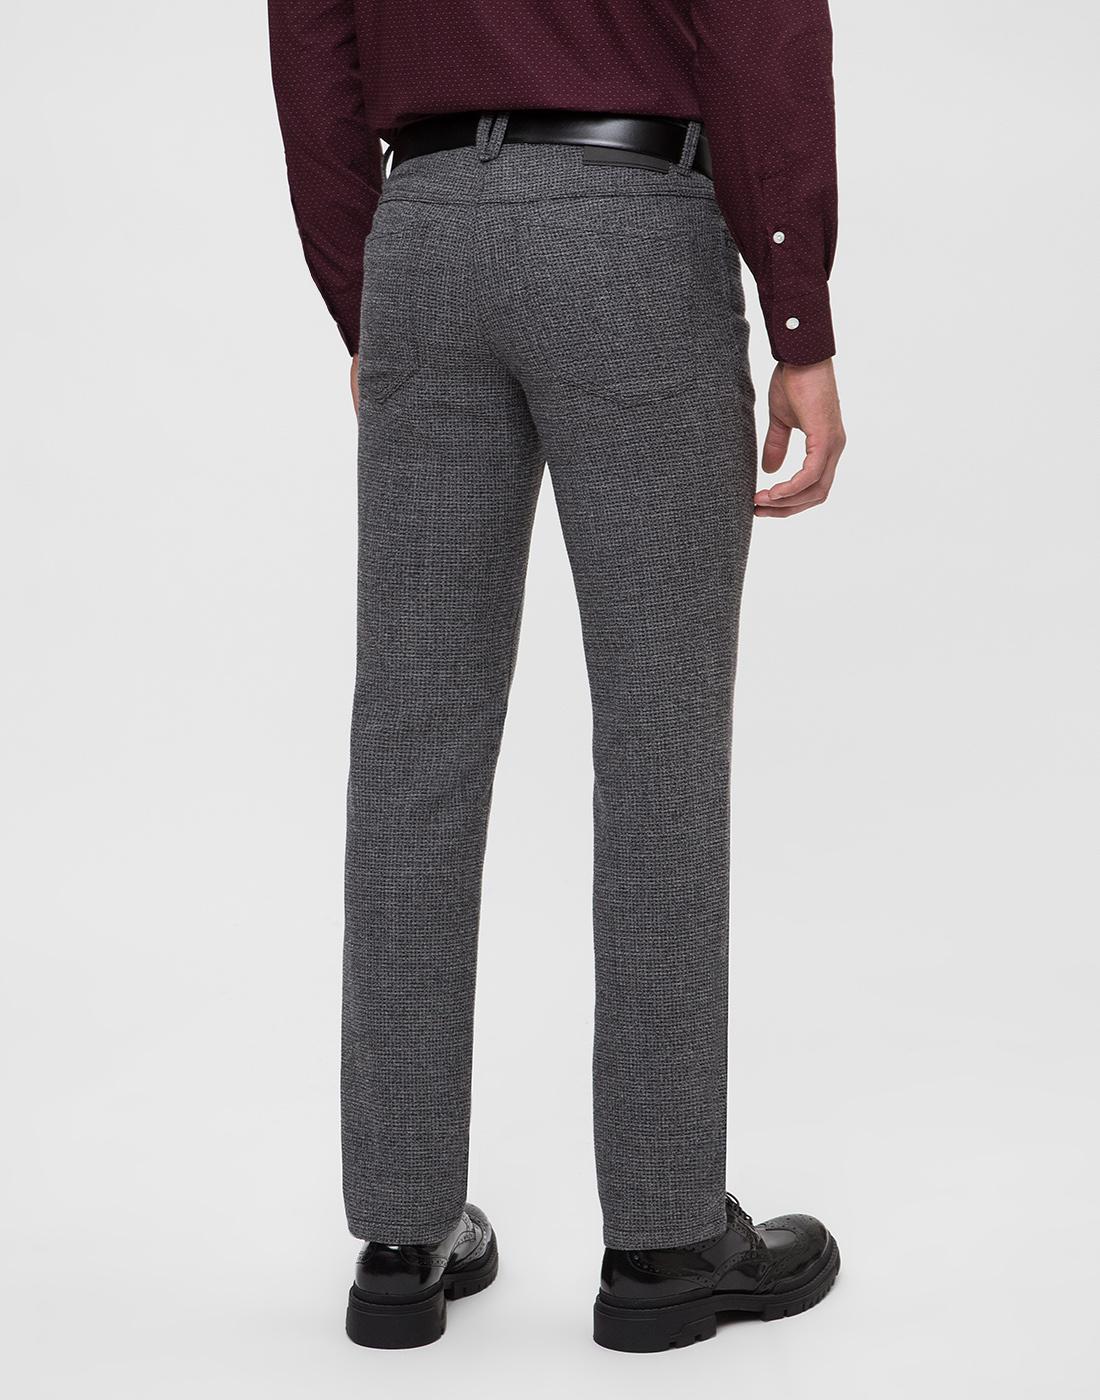 Мужские серые шерстяные брюки Hiltl  S12446 16 33580-4